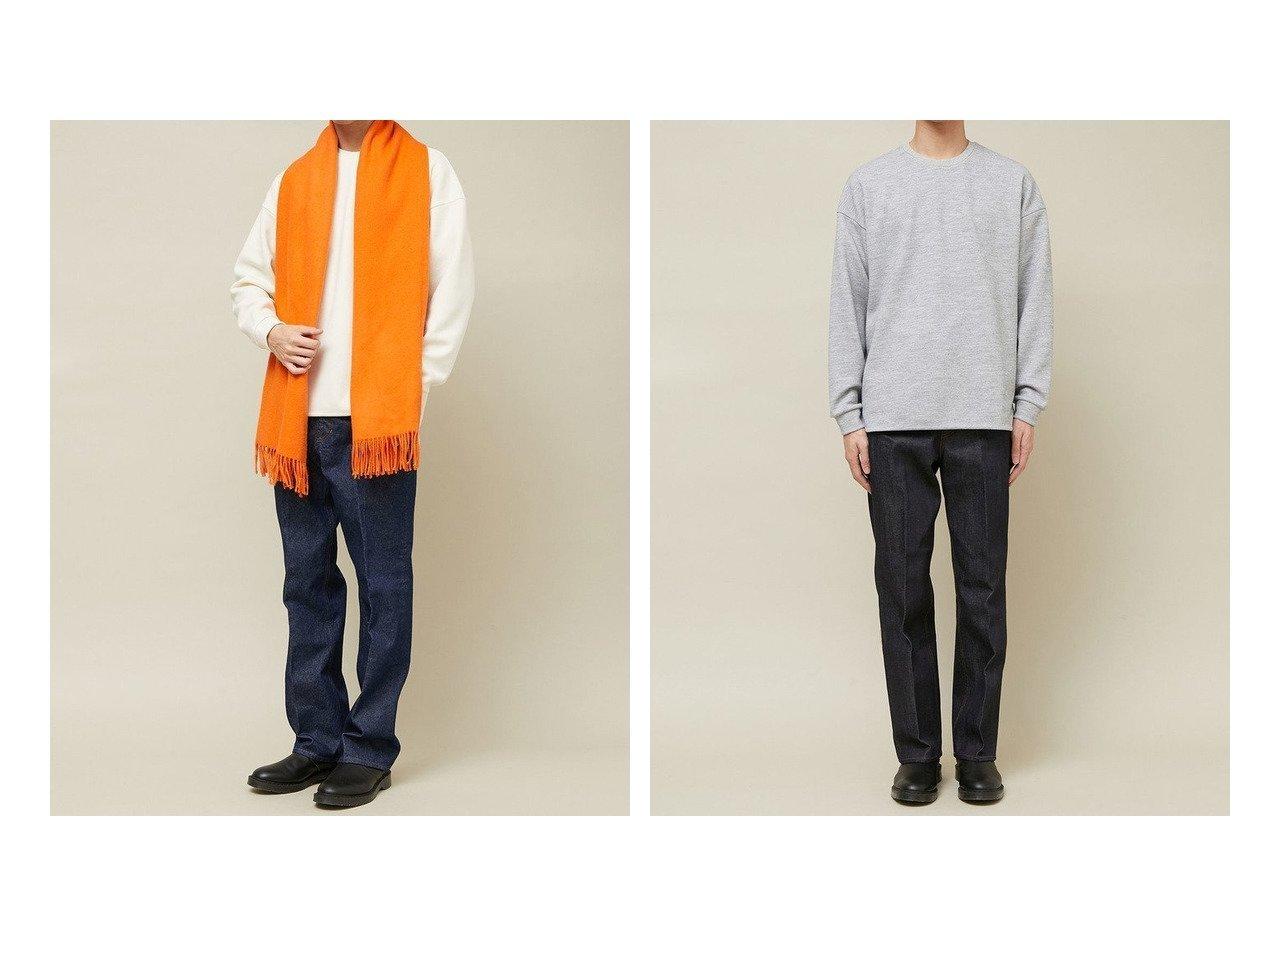 【Adam et Rope / MEN/アダムエロペ 】のクロスサーモアシンメトリーヘム ロングスリーブ プルオーバー 【MEN】男性のおすすめ!人気トレンド・メンズファッションの通販  おすすめで人気のファッション通販商品 インテリア・家具・キッズファッション・メンズファッション・レディースファッション・服の通販 founy(ファニー) https://founy.com/ ファッション Fashion メンズ MEN トップス Tops Tshirt Men アクリル インナー ショルダー スポーツ スリーブ ドロップ ベーシック リラックス ロング 冬 Winter |ID:crp329100000007425